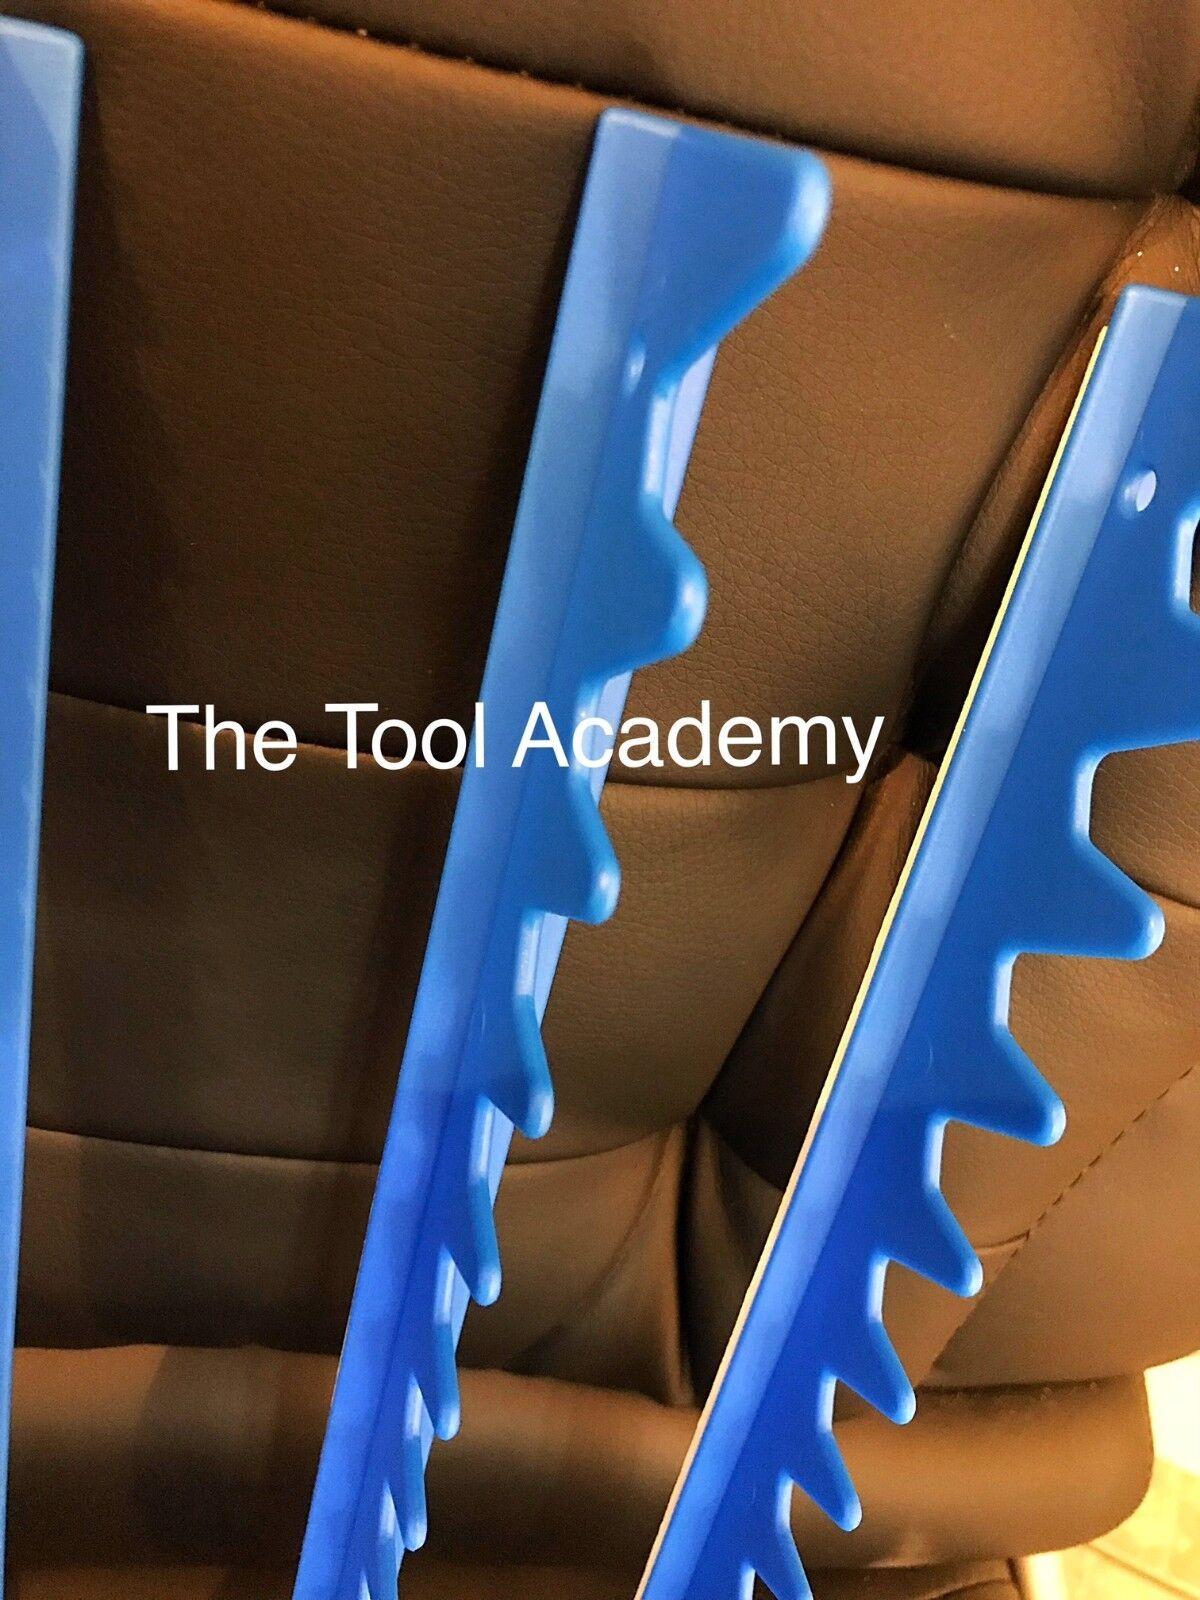 2 x Packs Of Blue Sharks Teeth Spanner Organiser for 40 Spanners Holder Rack